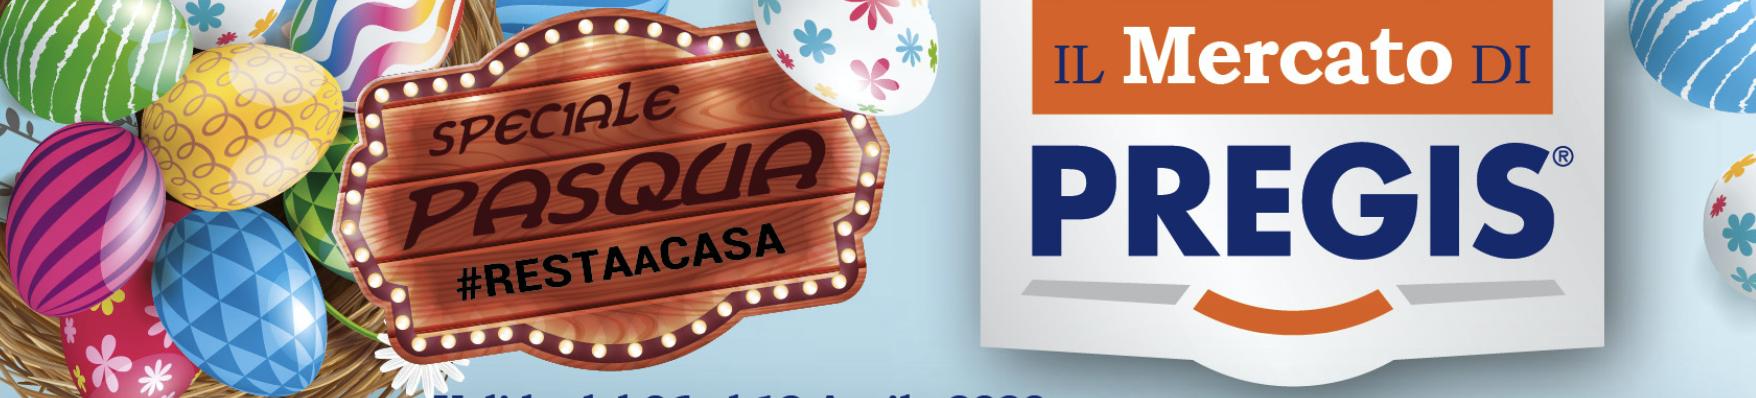 Vol PAsqua 2020-04-07 alle 09.12.36